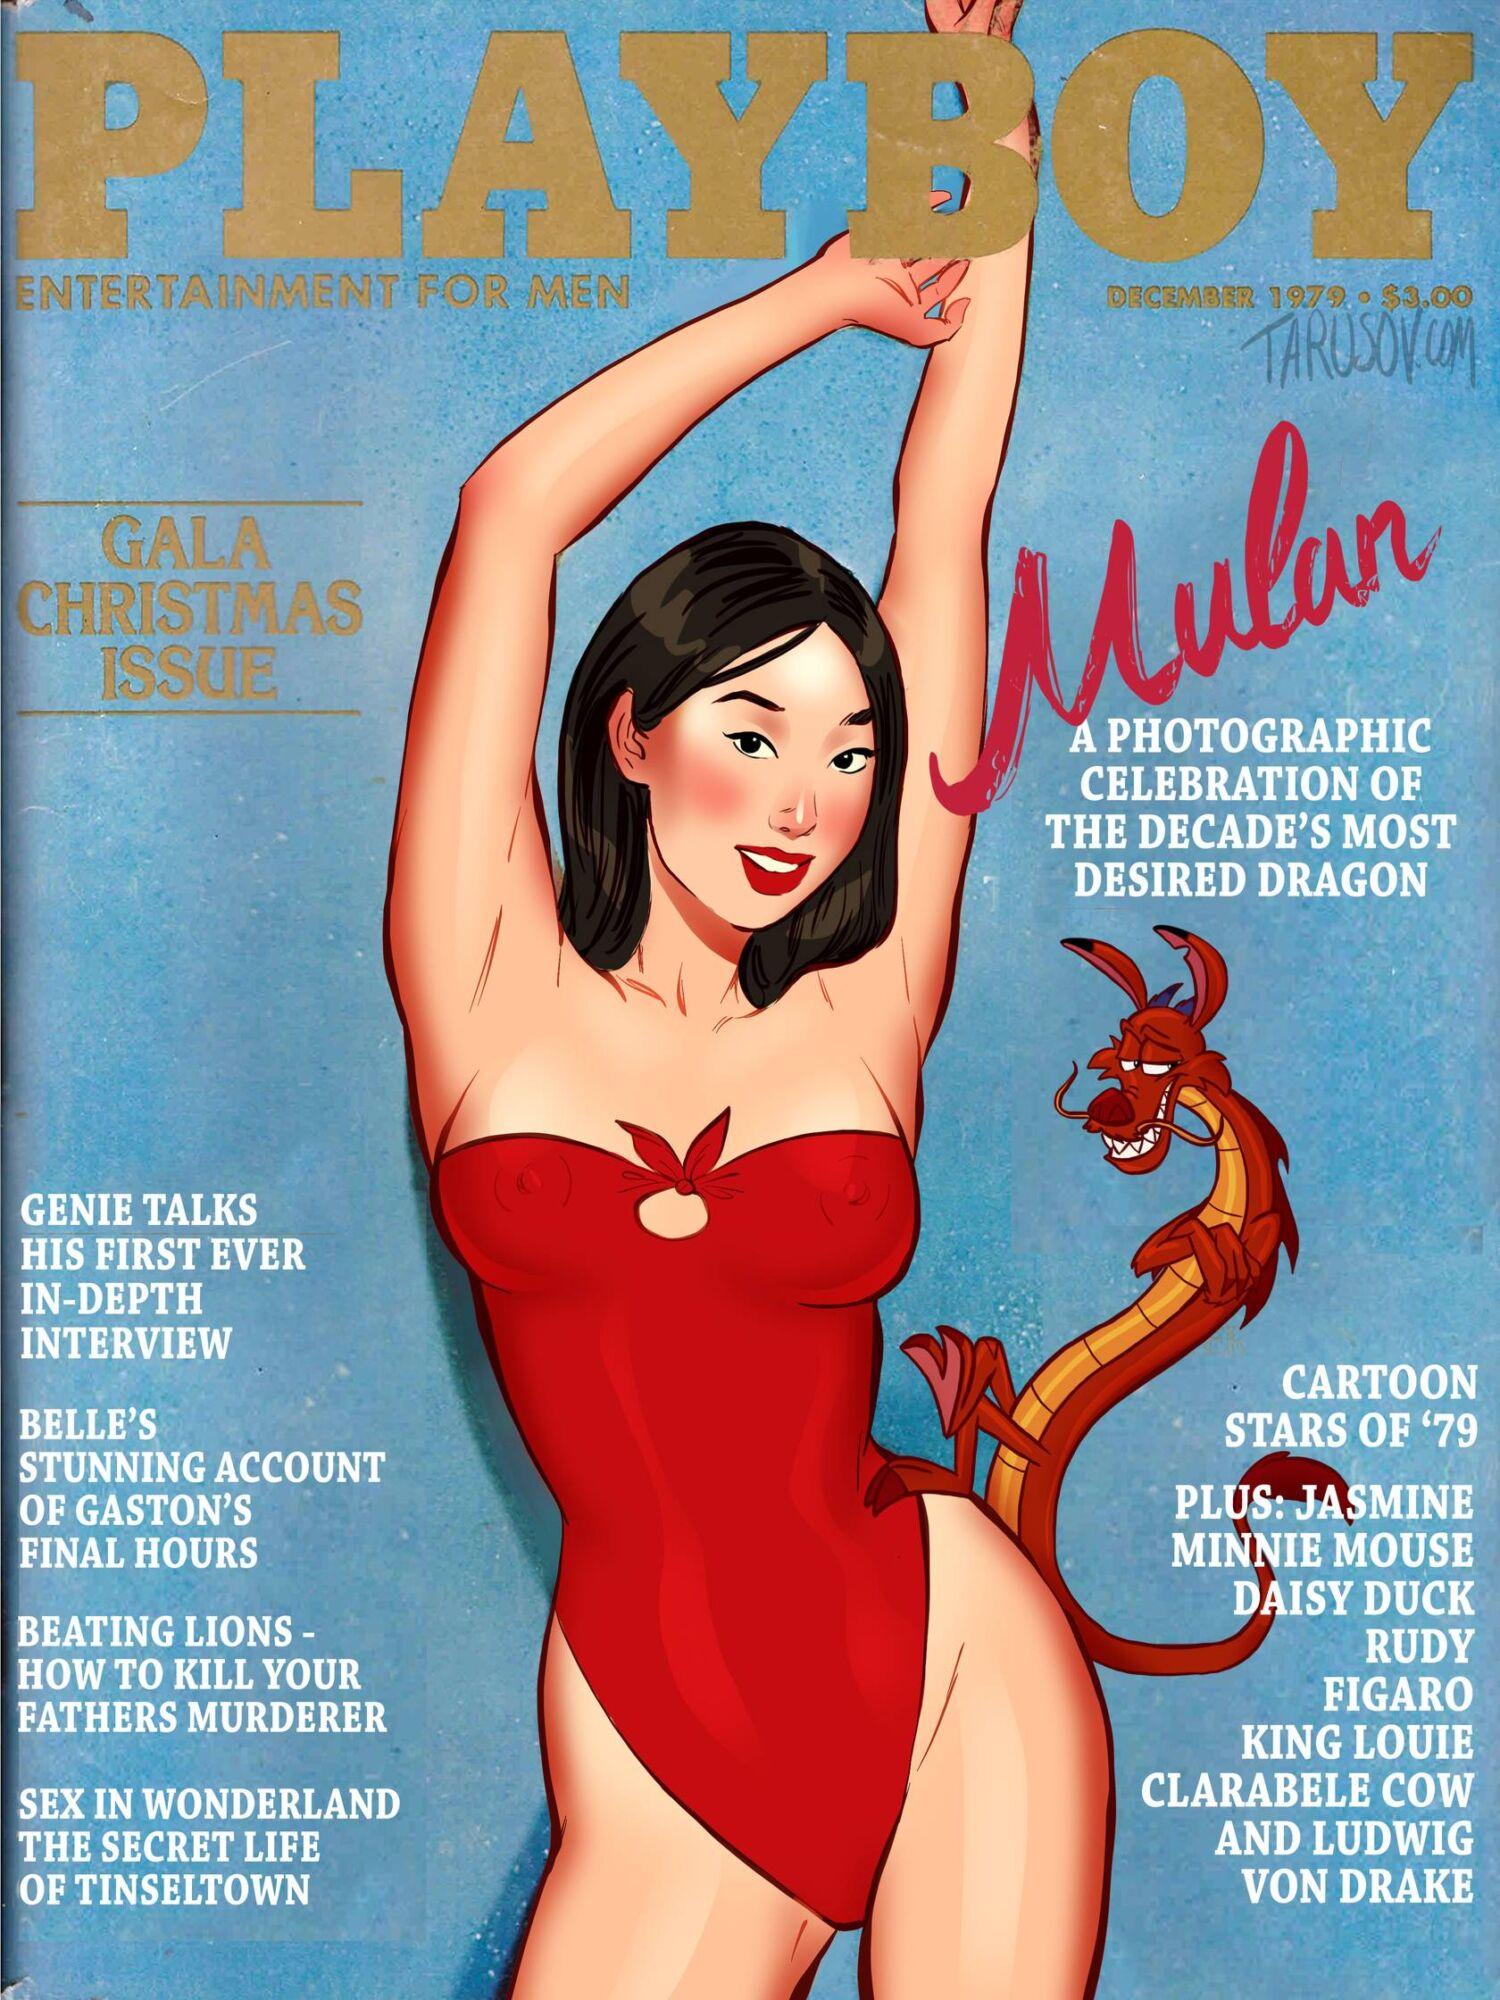 SureFap xxx porno Crossover - [AndrewTarusov] - Playboy Disney Princesses